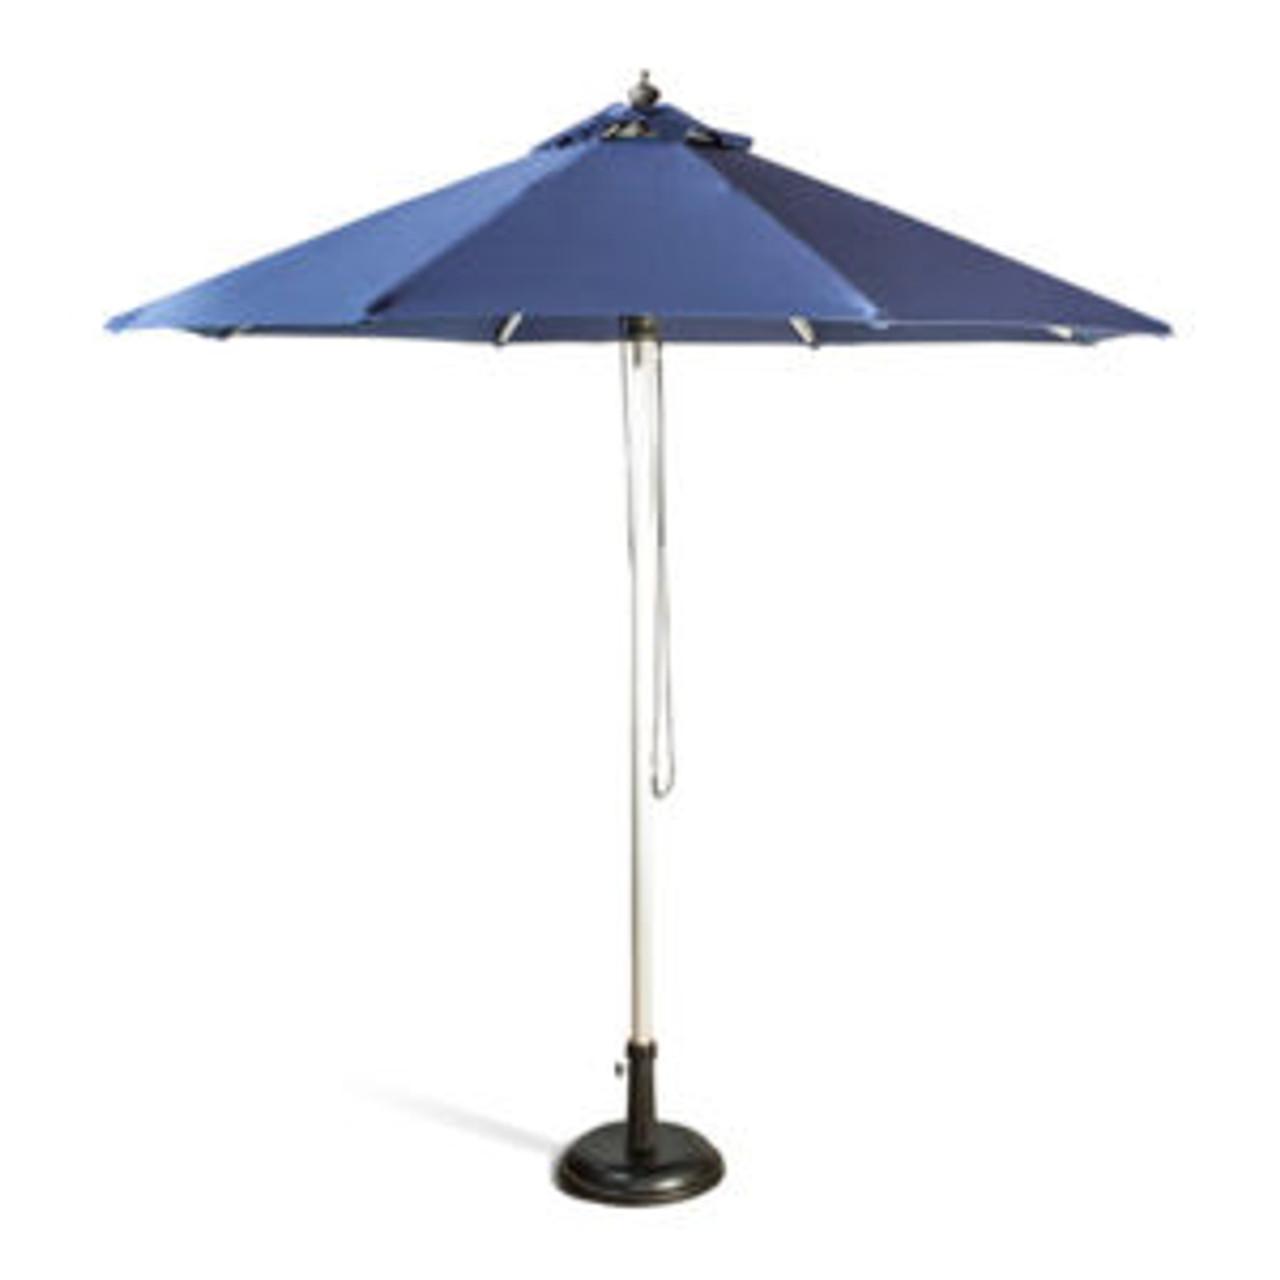 2.5m round Market Umbrella - Aluminium Frame with  Olefin Shade